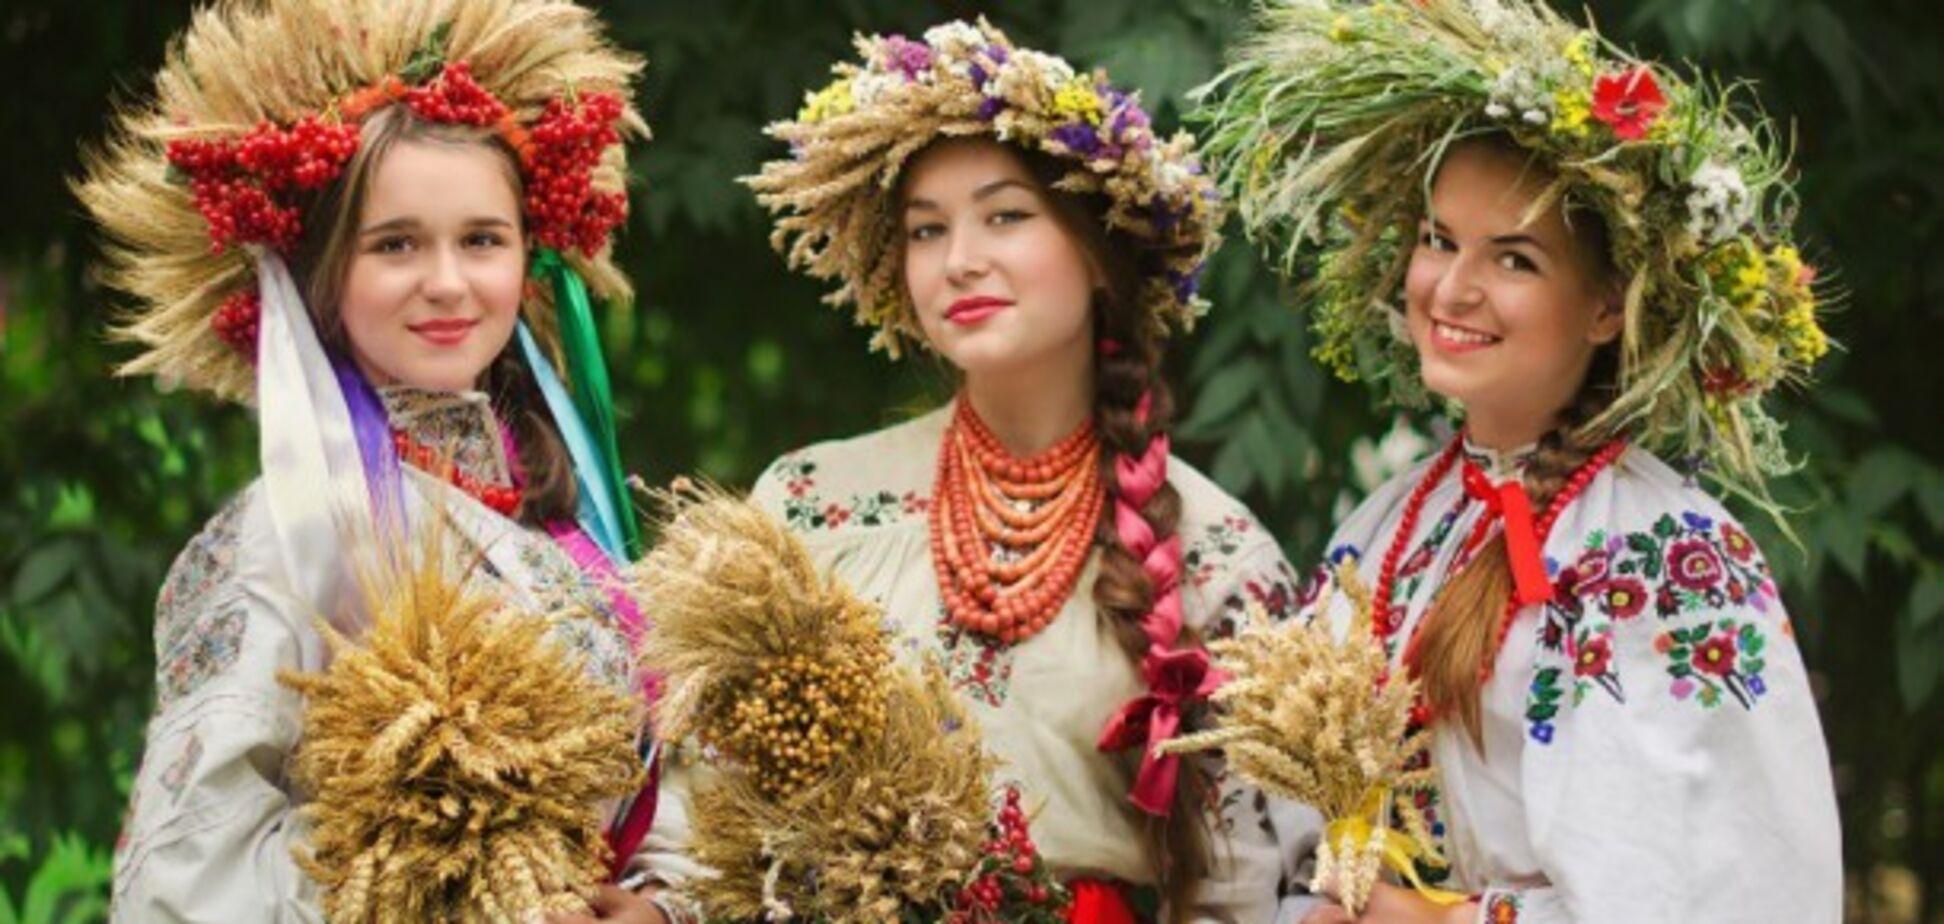 День вышиванки 2019: что это за праздник и когда отмечают в Украине